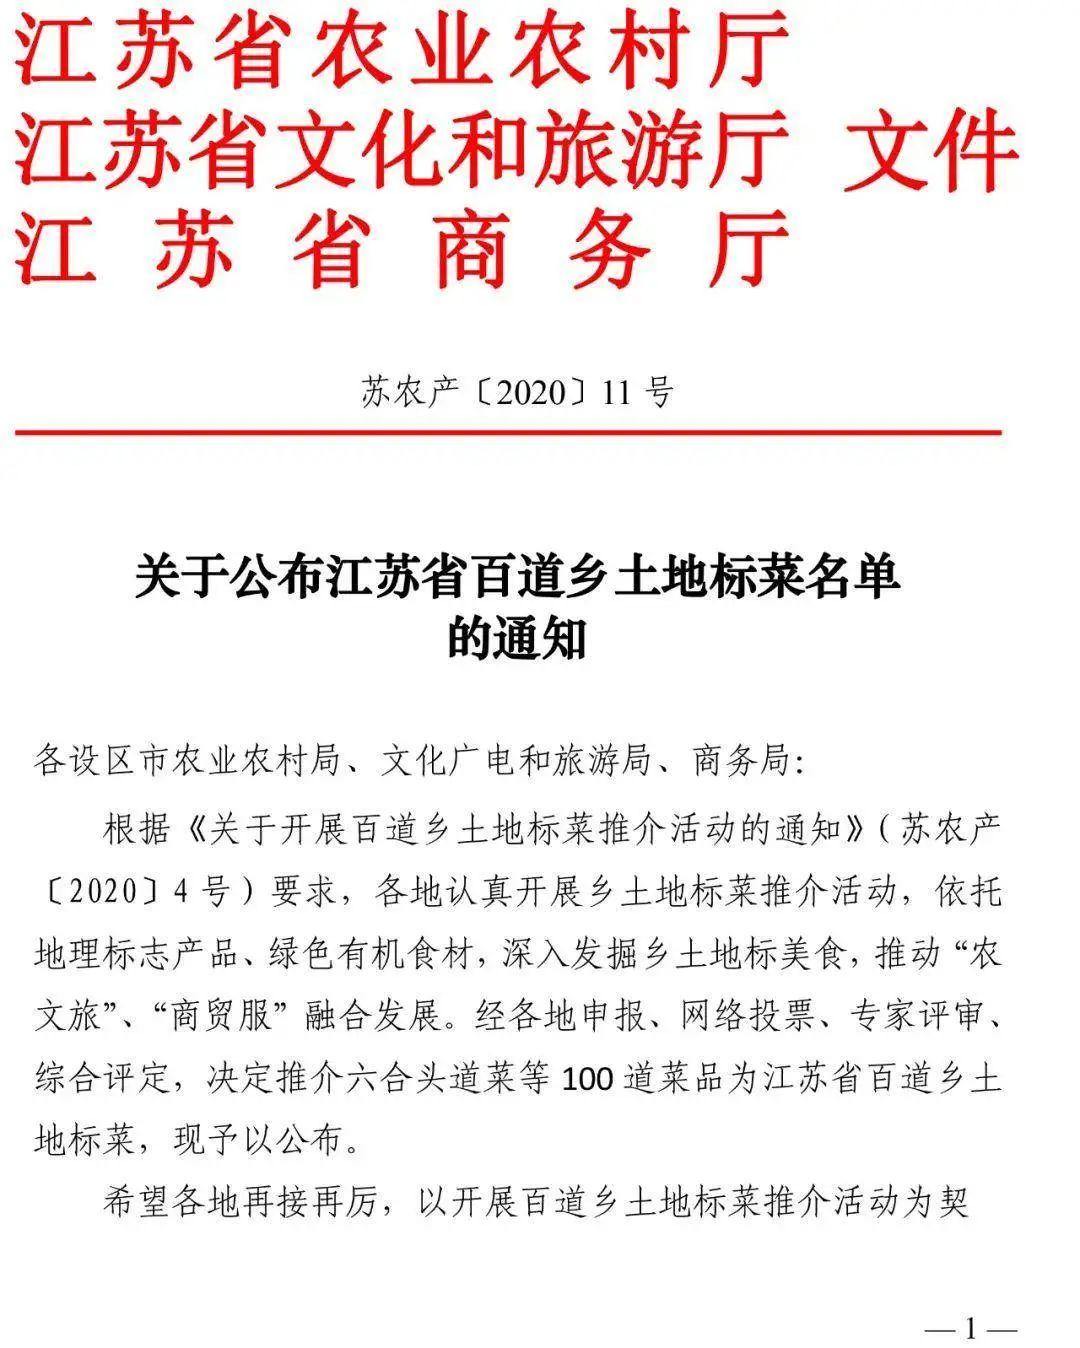 """沭阳钱集老鹅出名了!被评为""""江苏省百道乡土地标菜"""""""